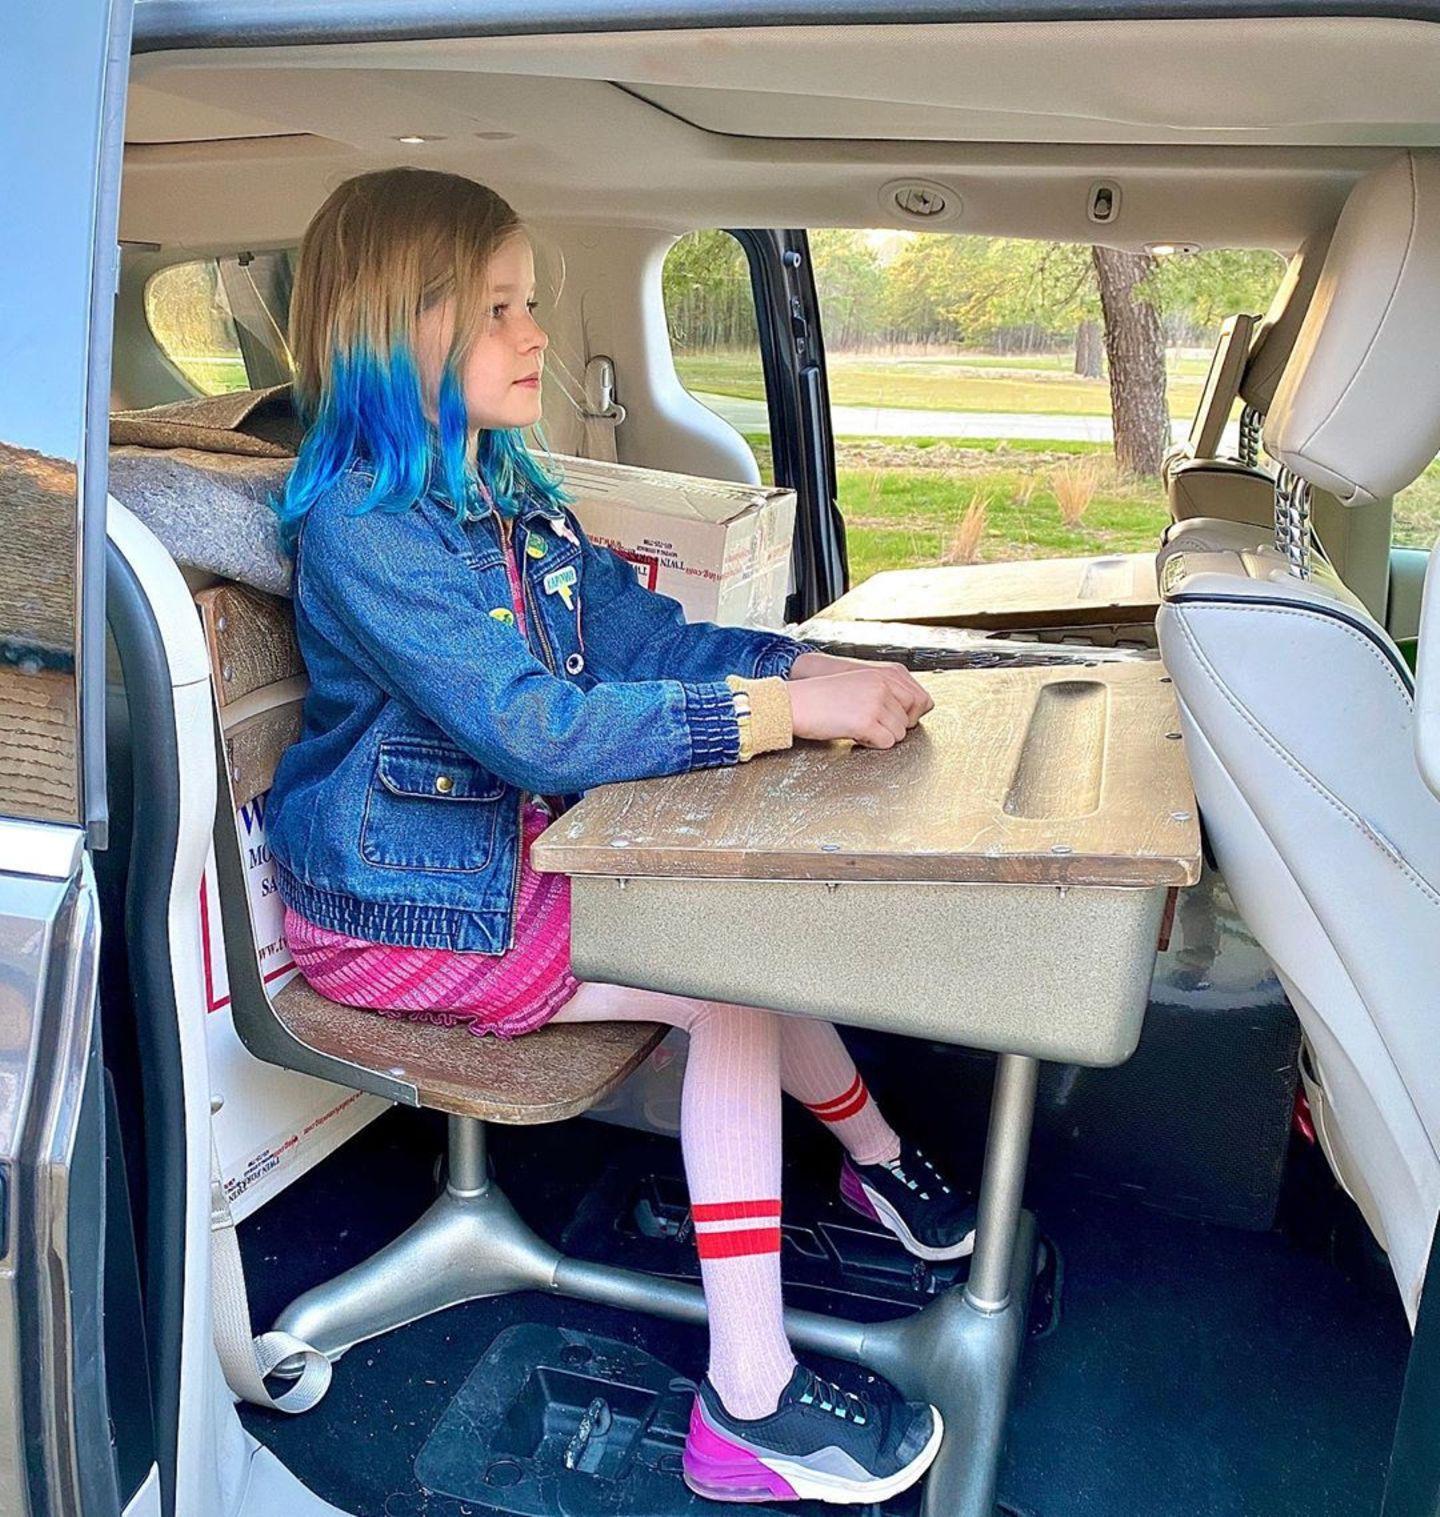 """Ist das in der Coronaviruskrise die Art, einen Klassenausflug zu machen? Harper Grace, die Tochter von Neil Patrick Harris und David Burtka, betreibt kein """"Social Distancing"""", sondern hält so ihre Distanz zur Schule."""